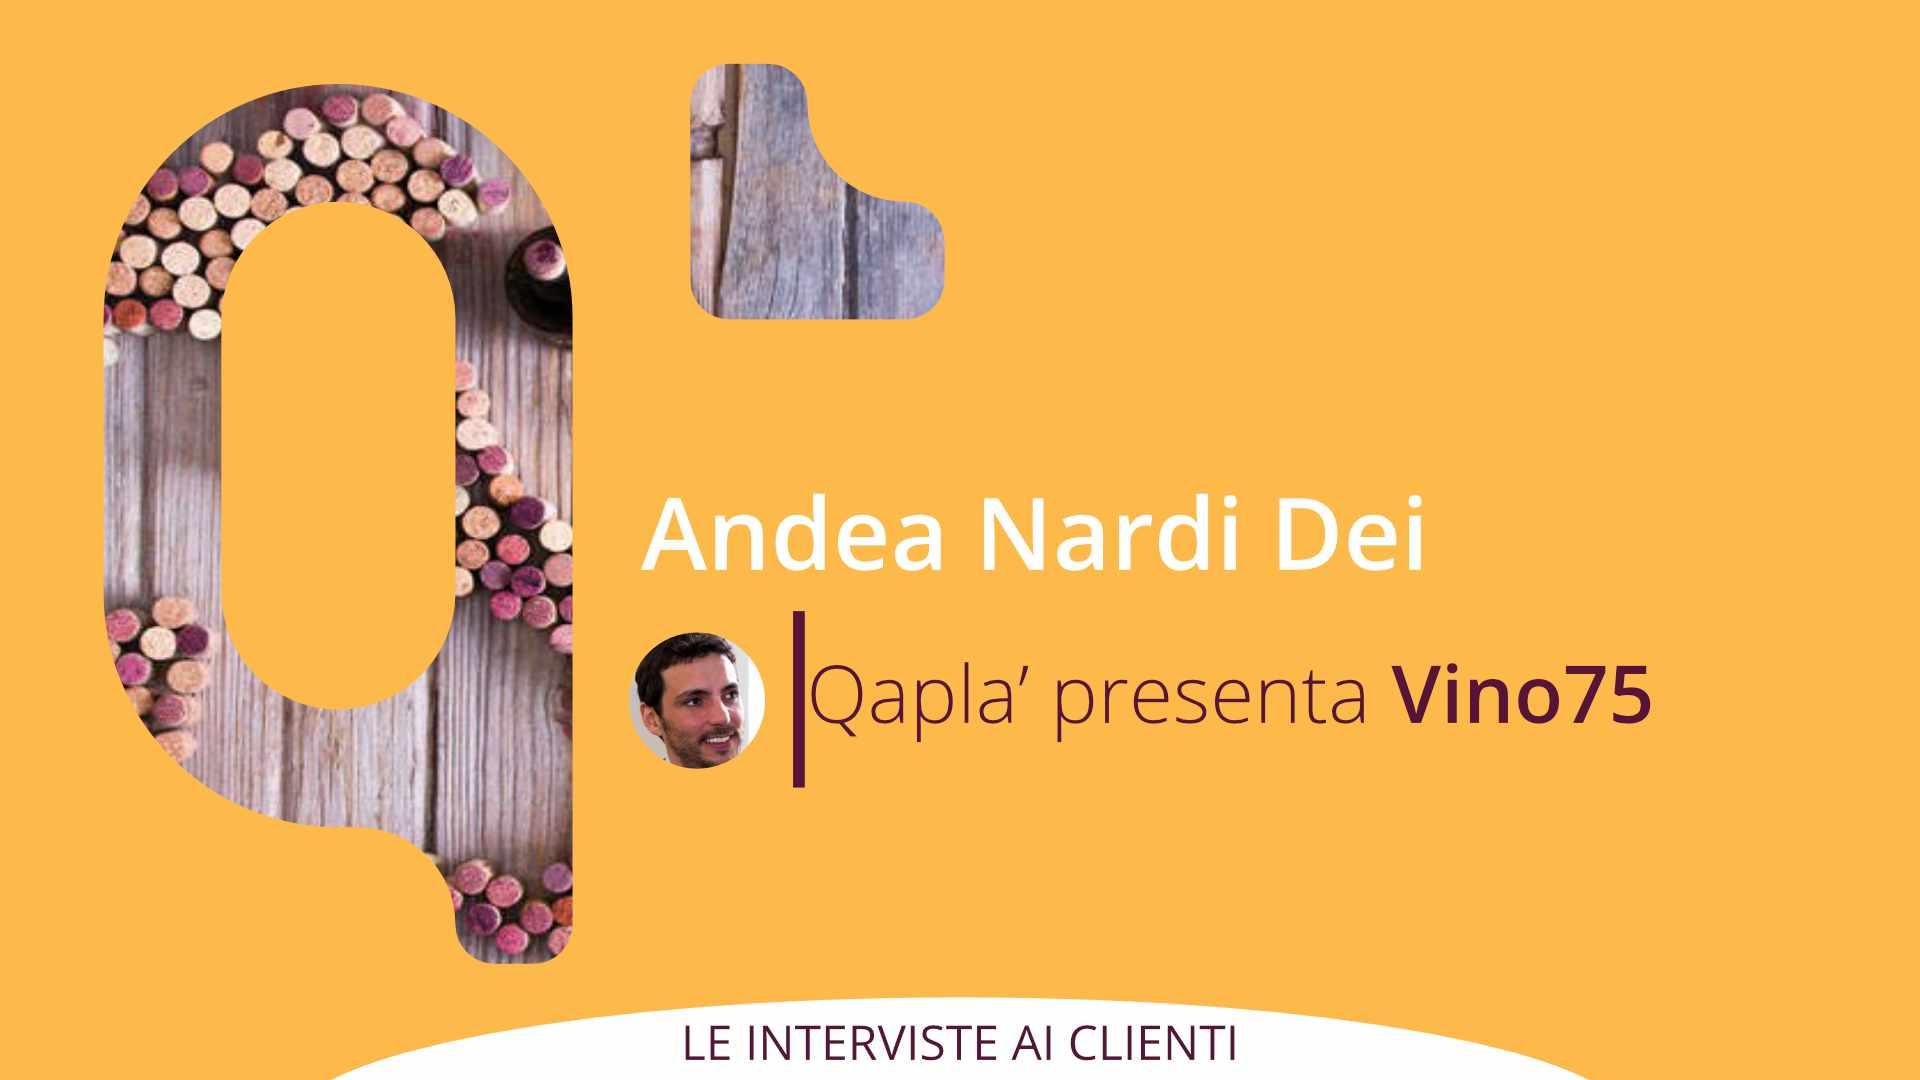 La logistica e il vino: intervista ad Andrea Nardi Dei